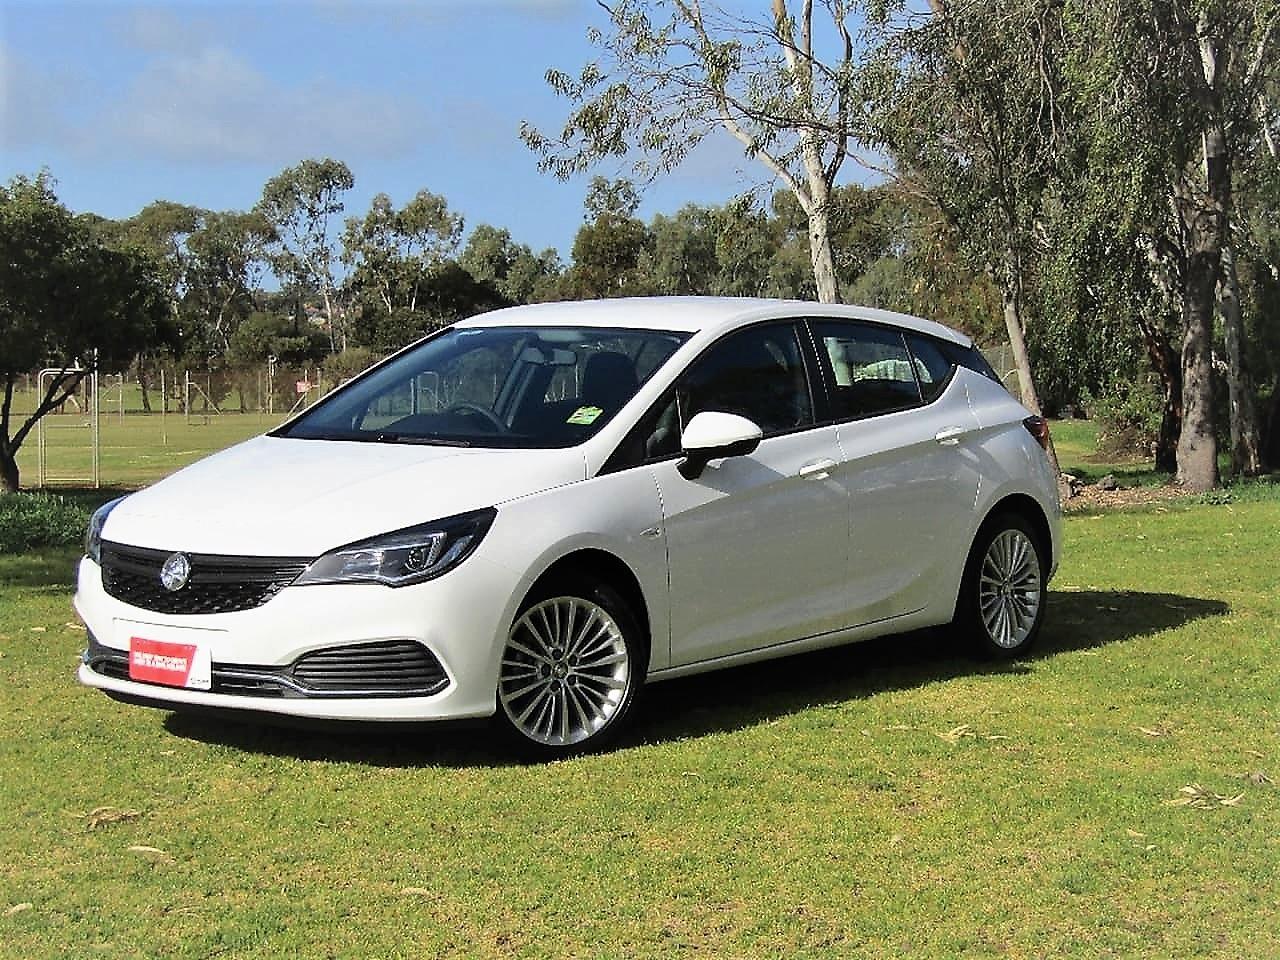 Picture of CarNextDoor's 2017 Holden Astra